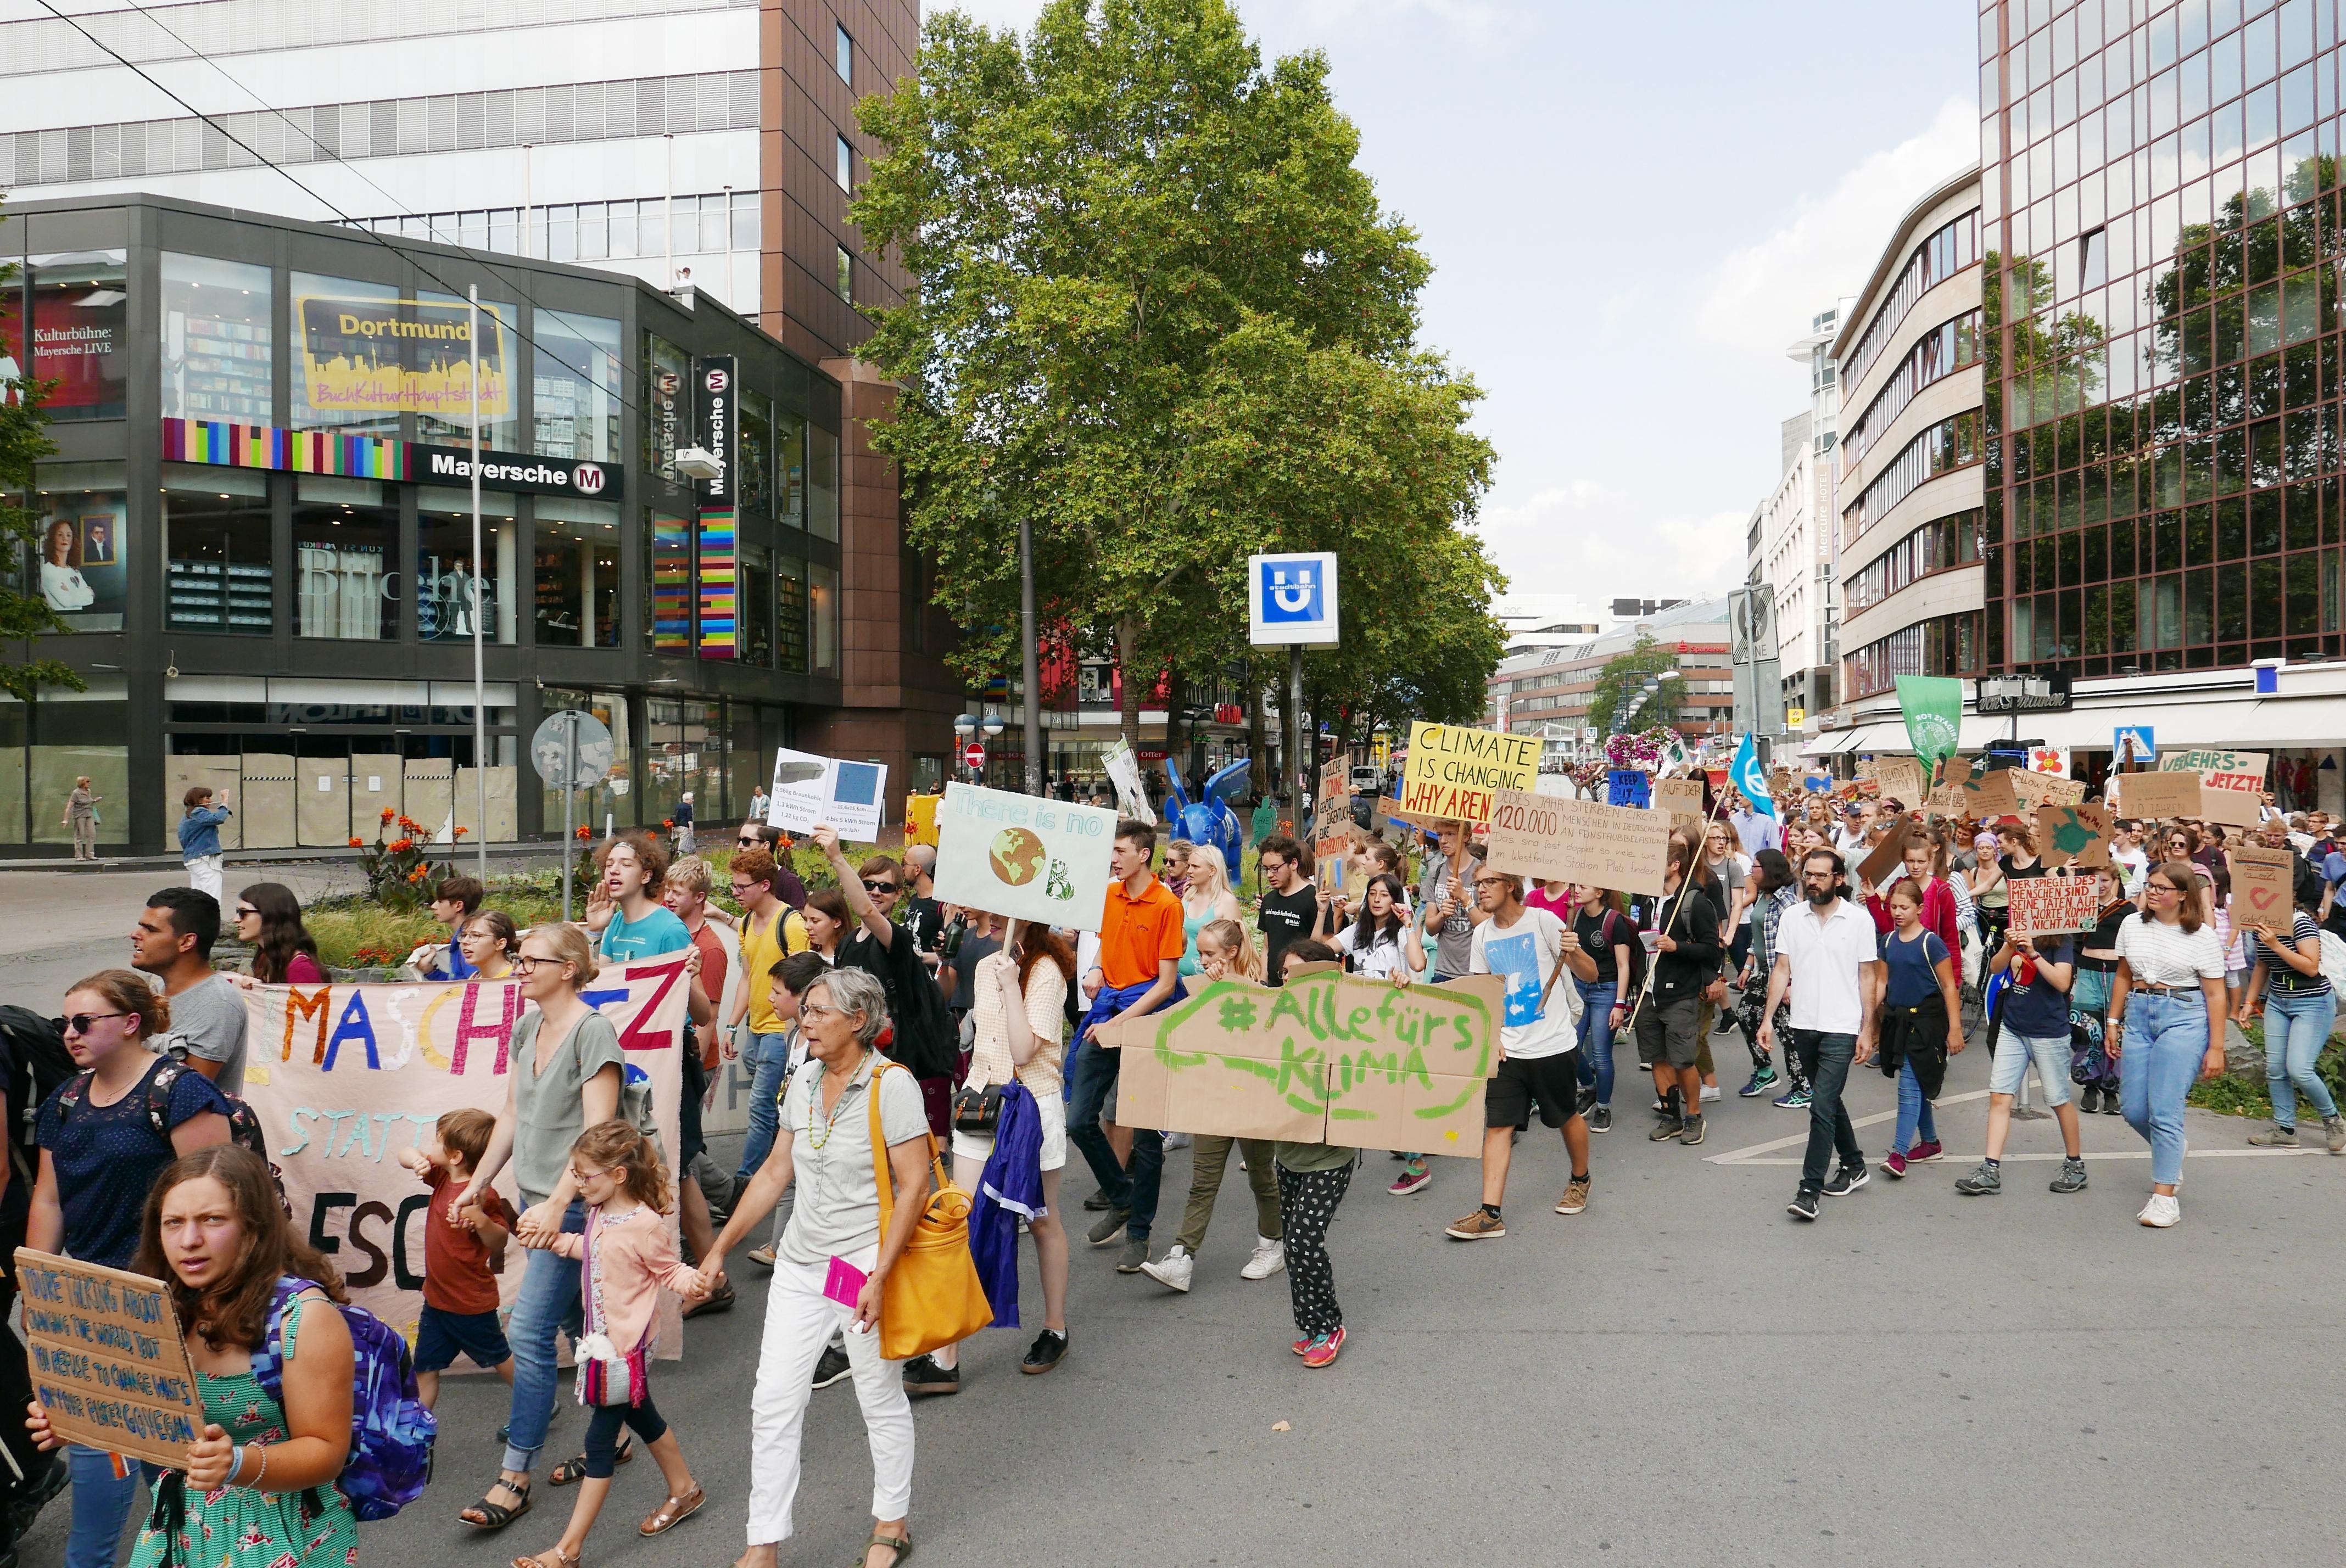 Freitag ist Streiktag – auch während des Sommerkongresses. Demozug durch Dortmund